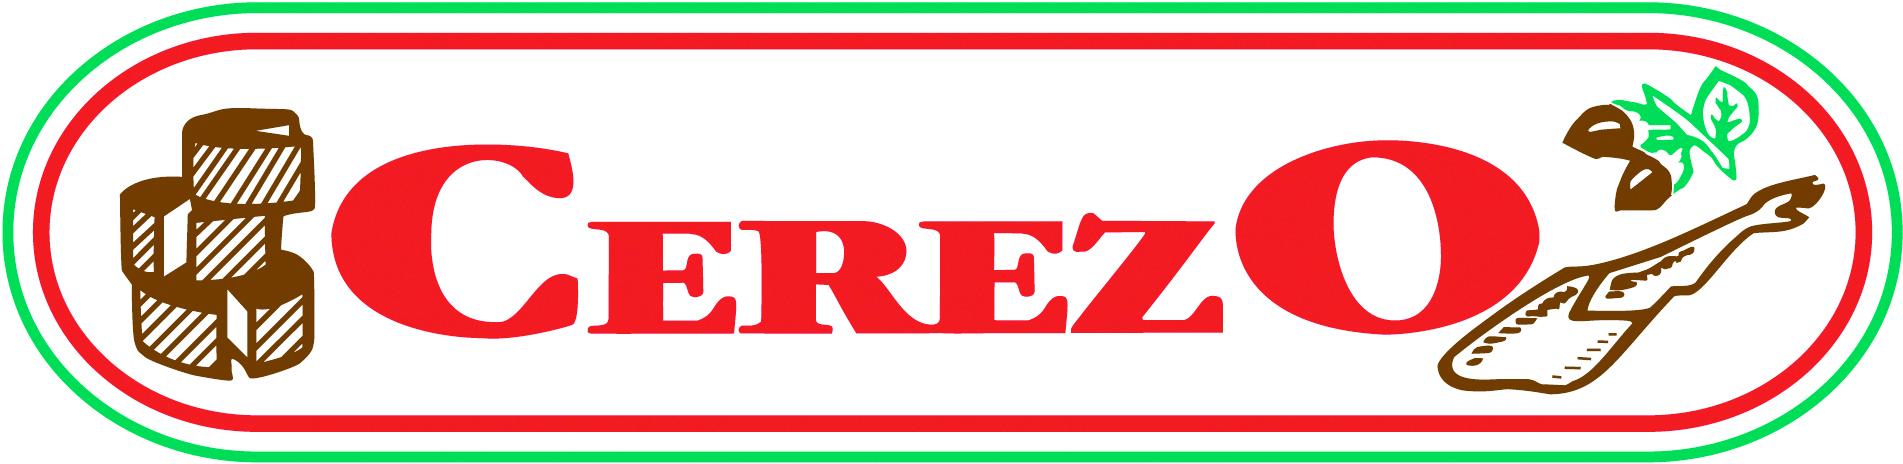 cerezo_logo